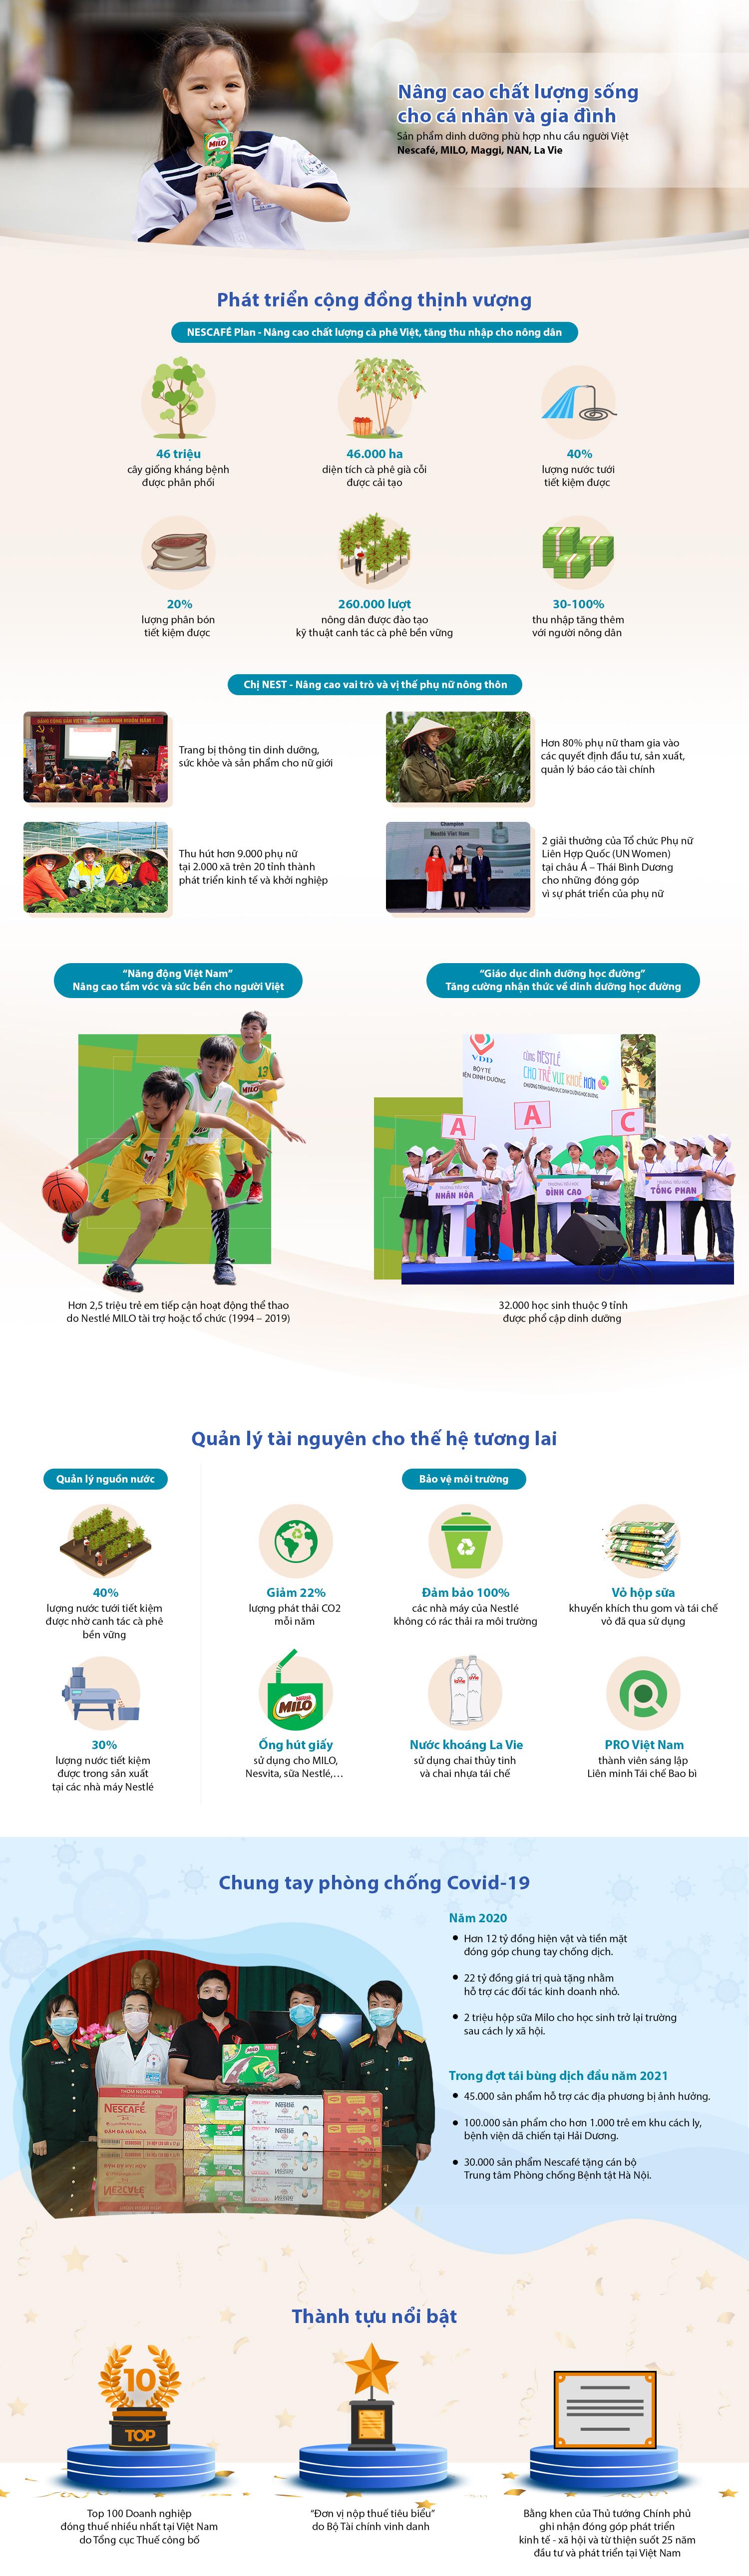 Dấu ấn Nestlé trong 25 năm đồng hành cùng người Việt